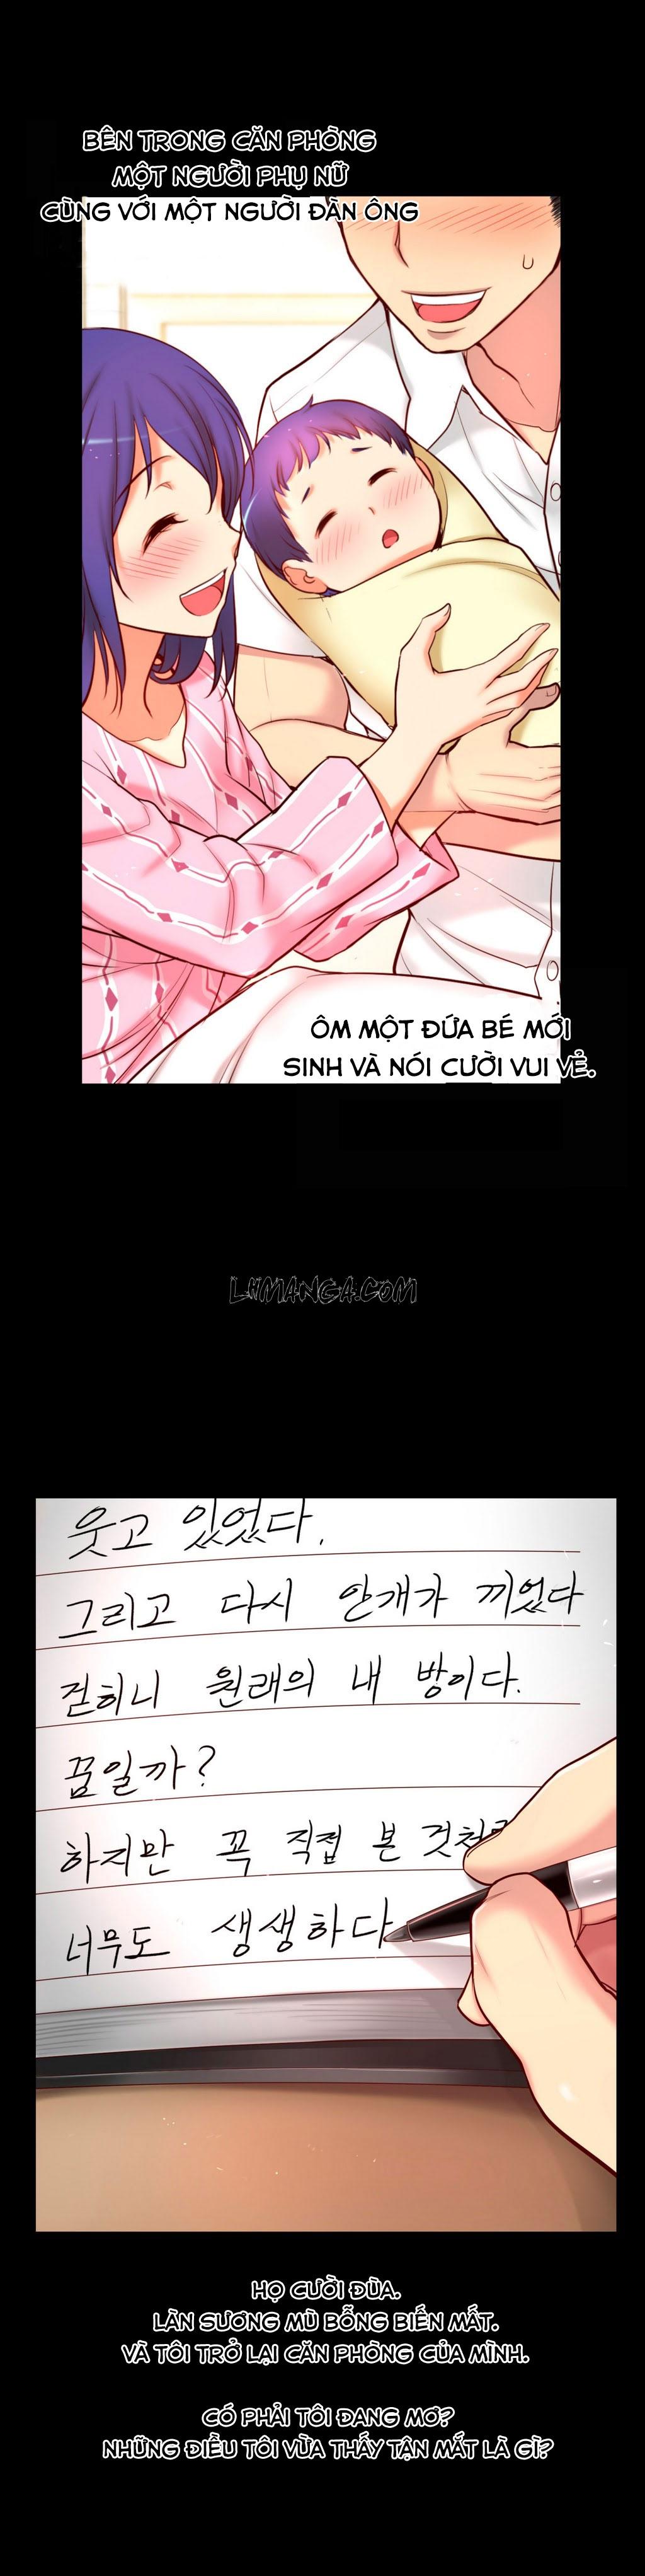 Hình ảnh HINH_00003 in [Siêu phẩm Hentai] Little Girl Full